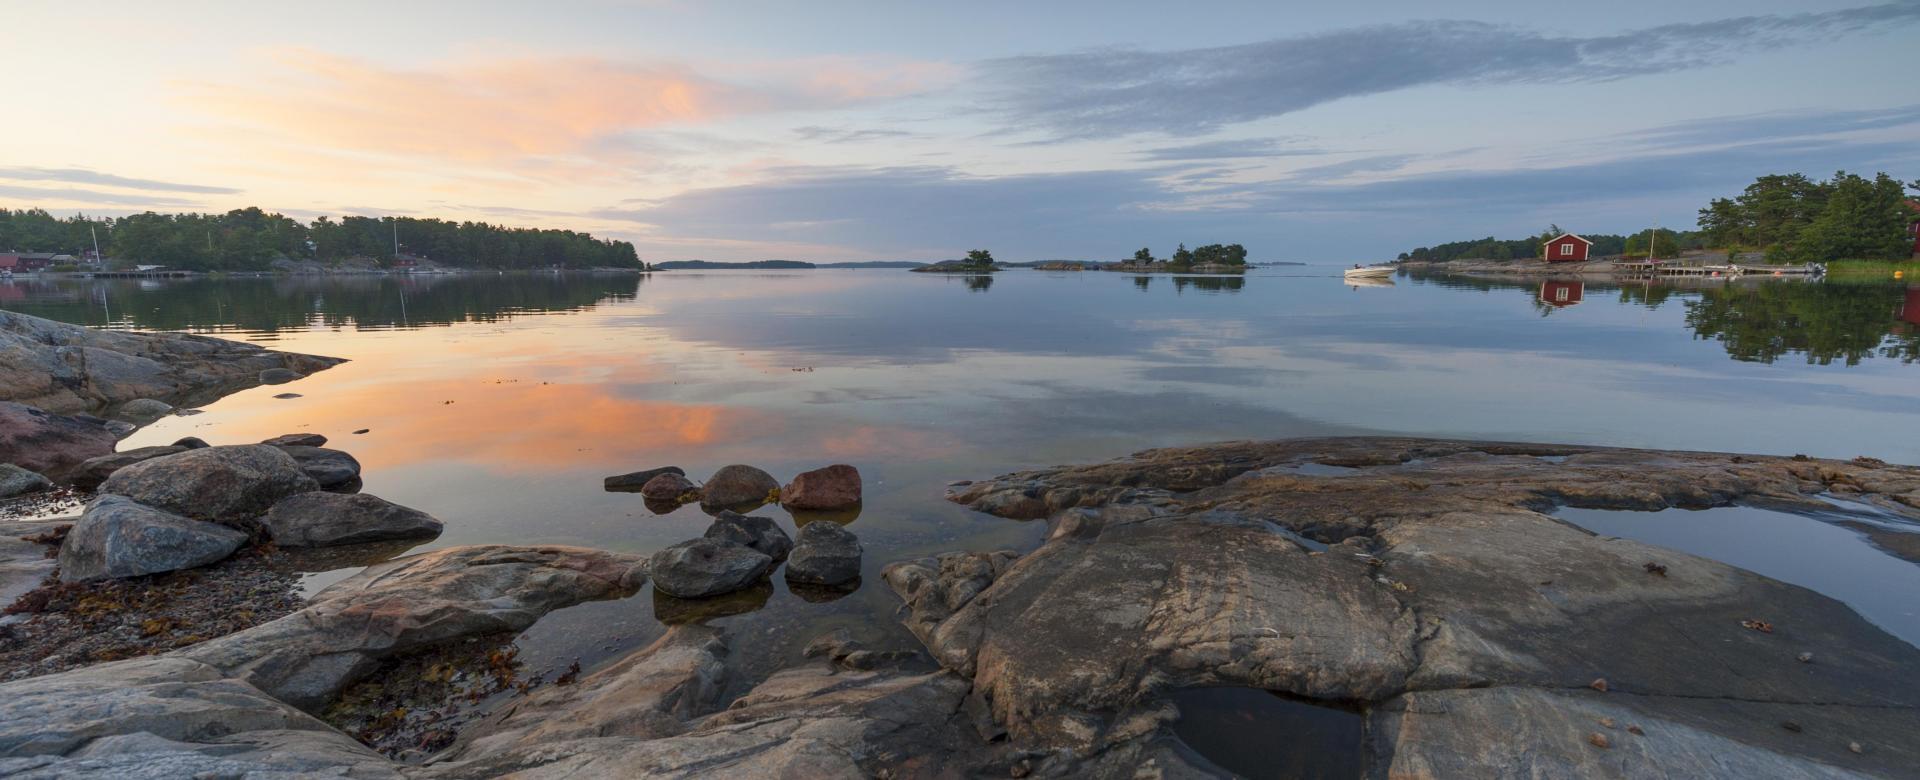 Voyage sur l'eau : Exploration de l\'archipel de stockholm